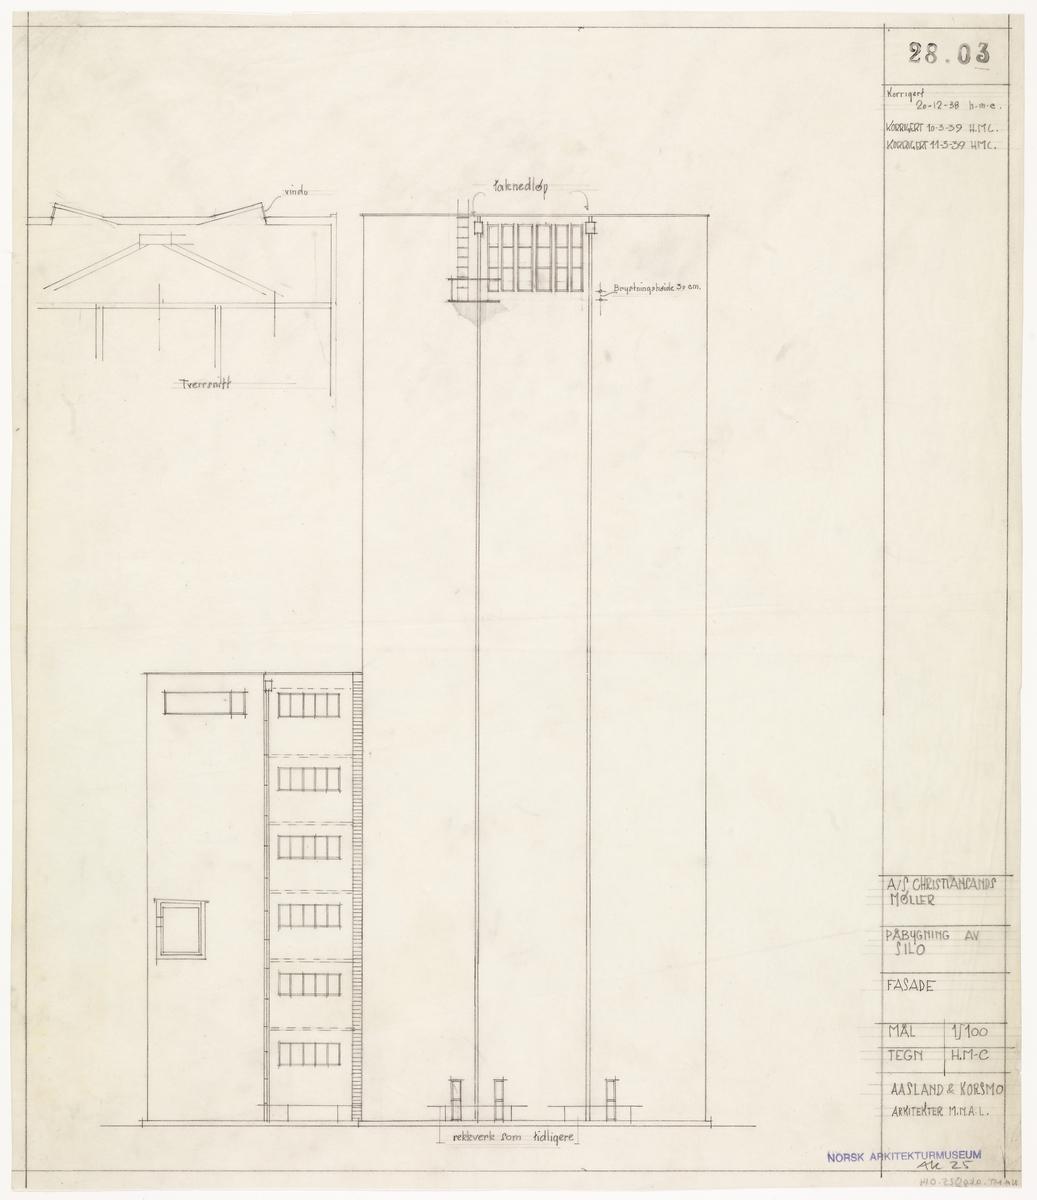 Påbygning av silo med lager for A/S Christiansands møller [Fasadeoppriss]